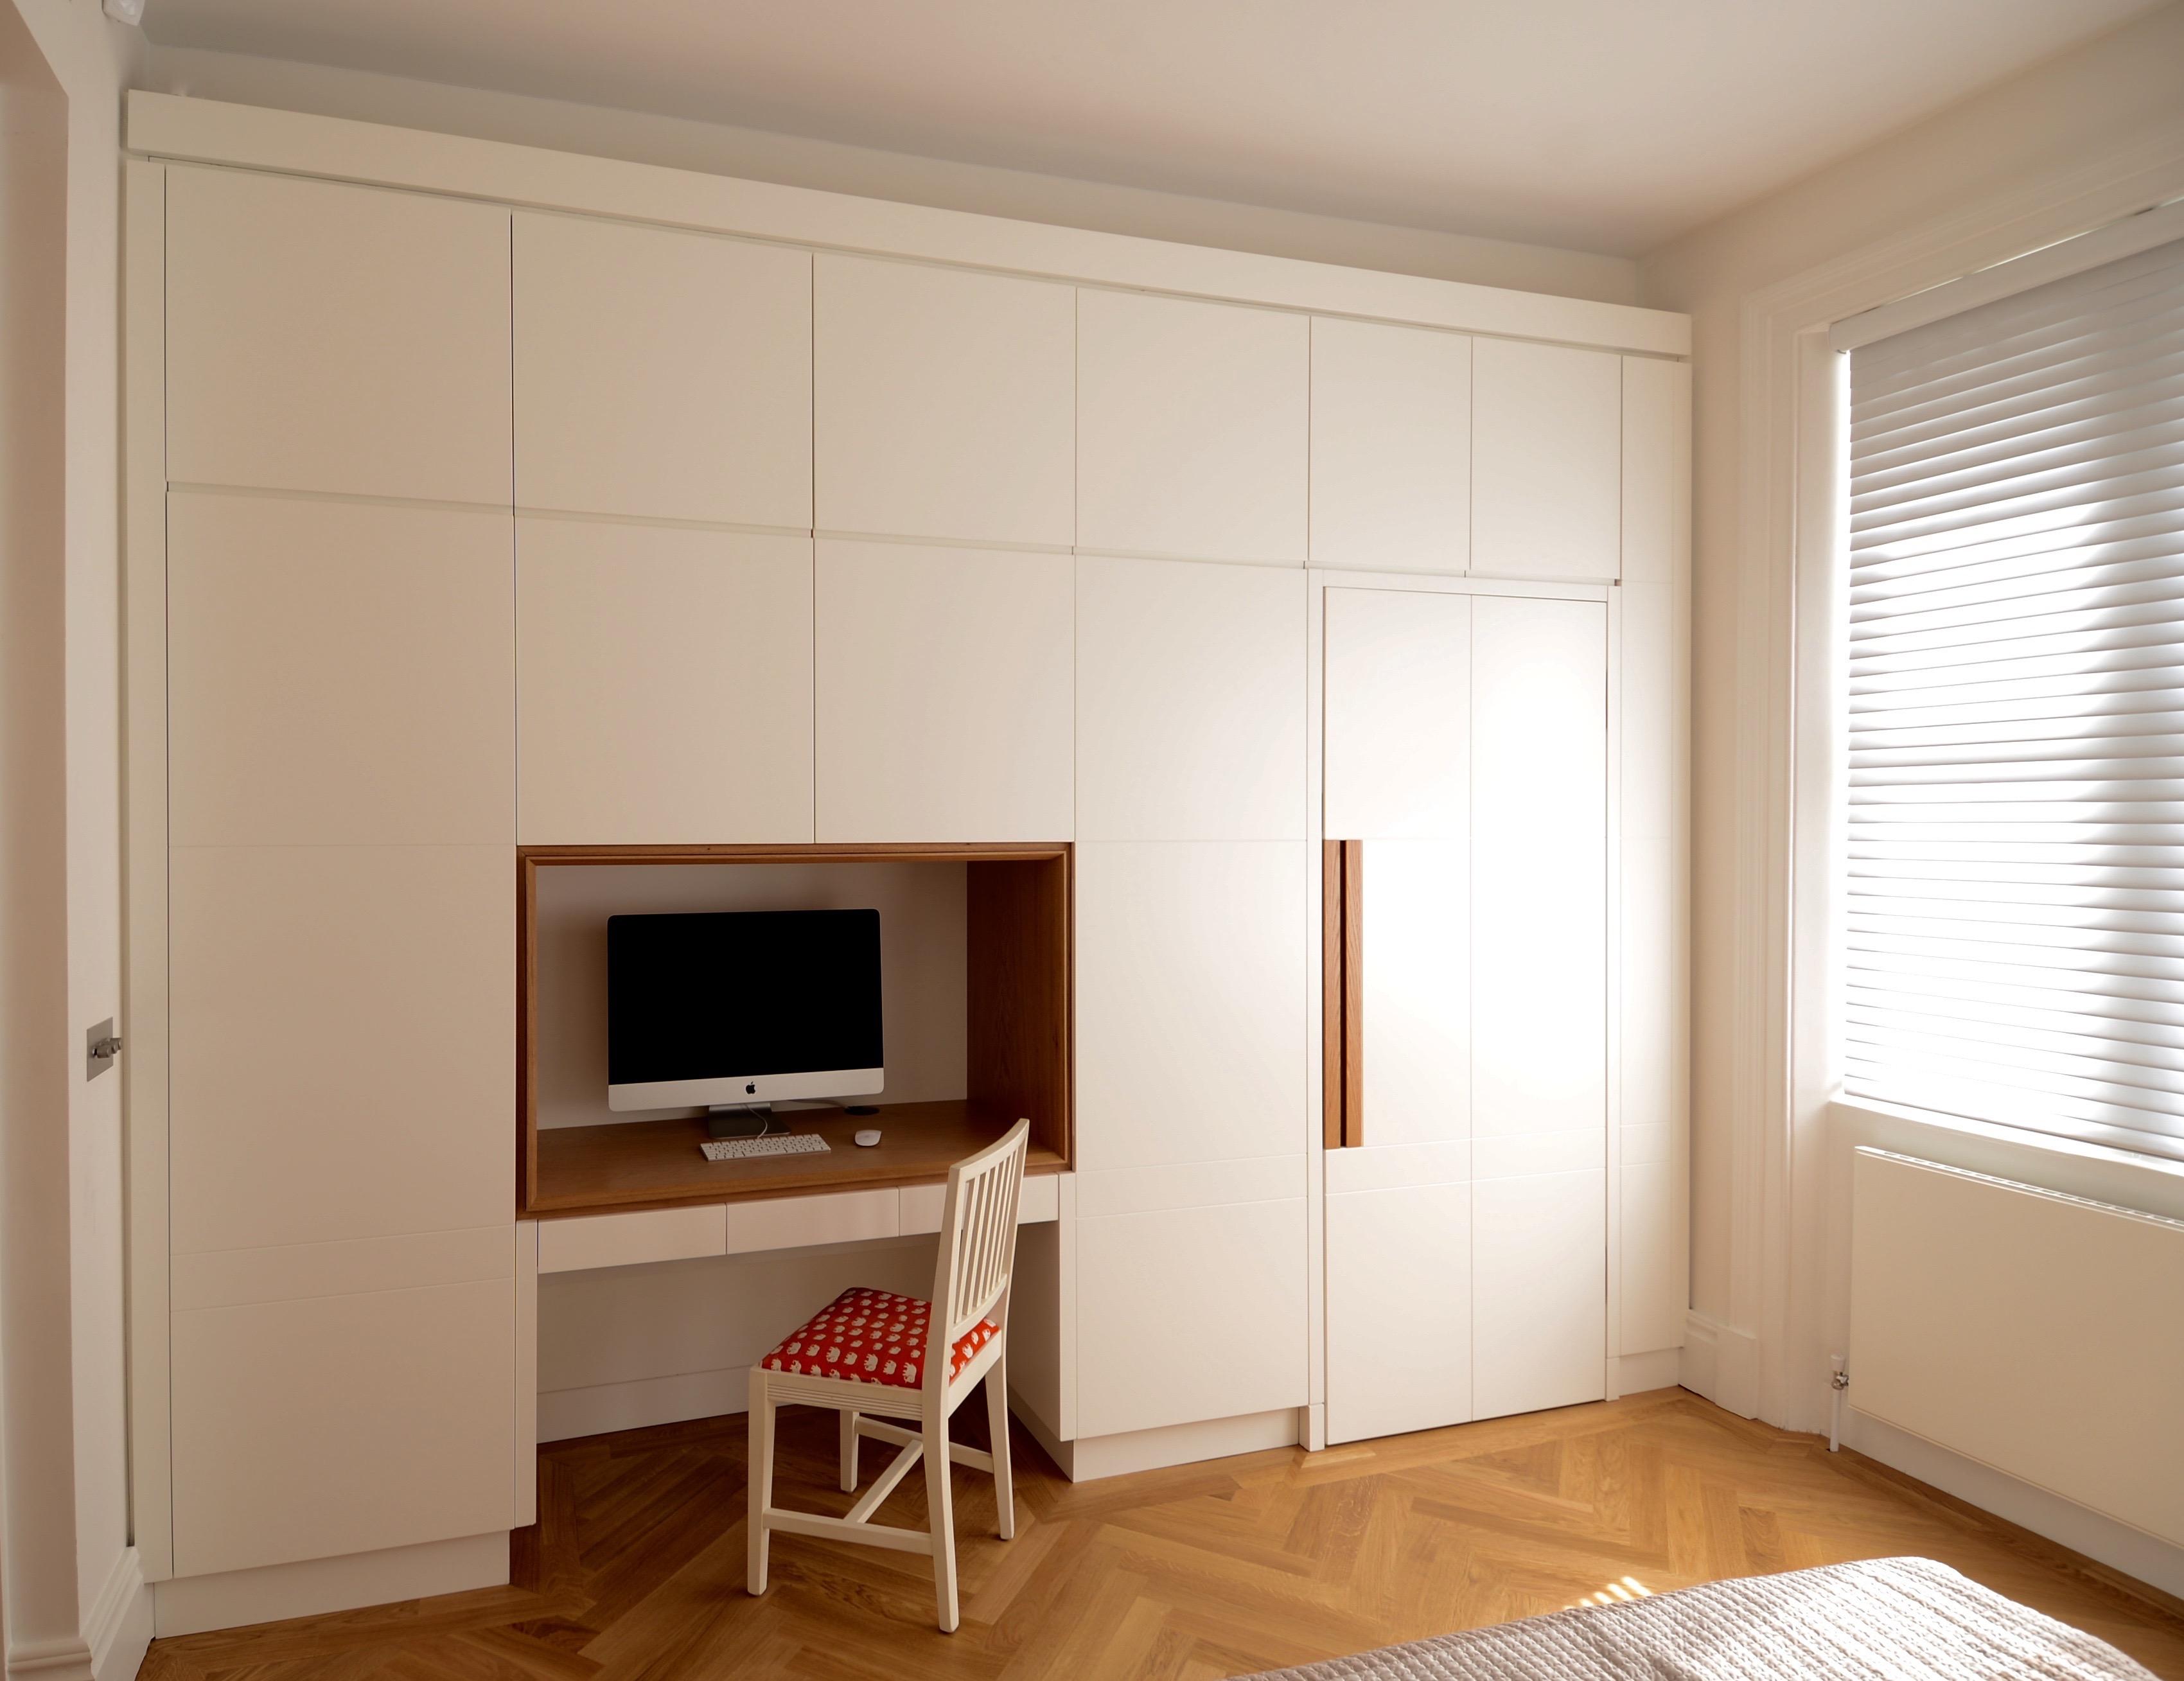 18. 2nd bedroom 2